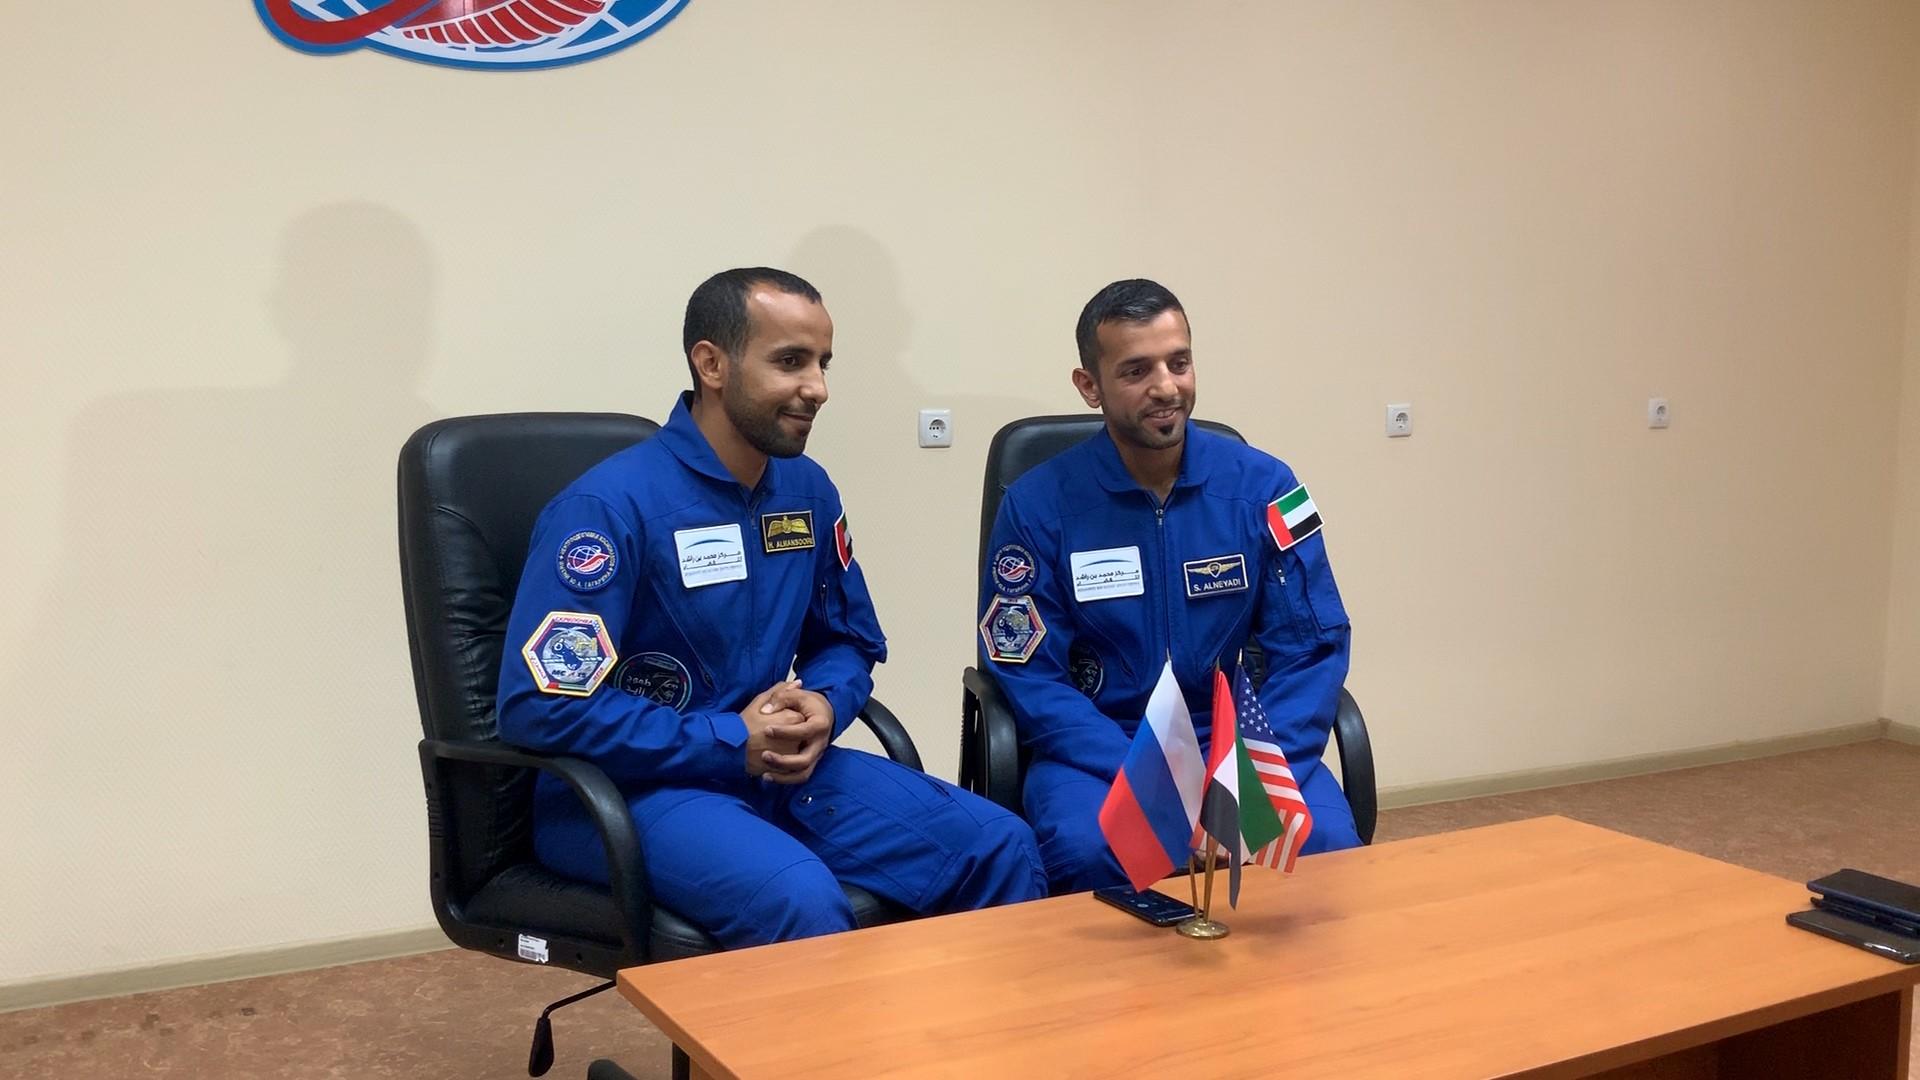 محمد بن زايد يطمئن خلال اتصال هاتفي على استعدادات هزاع المنصوري وسلطان النيادي لاتمام رحلتهما إلى الفضاء